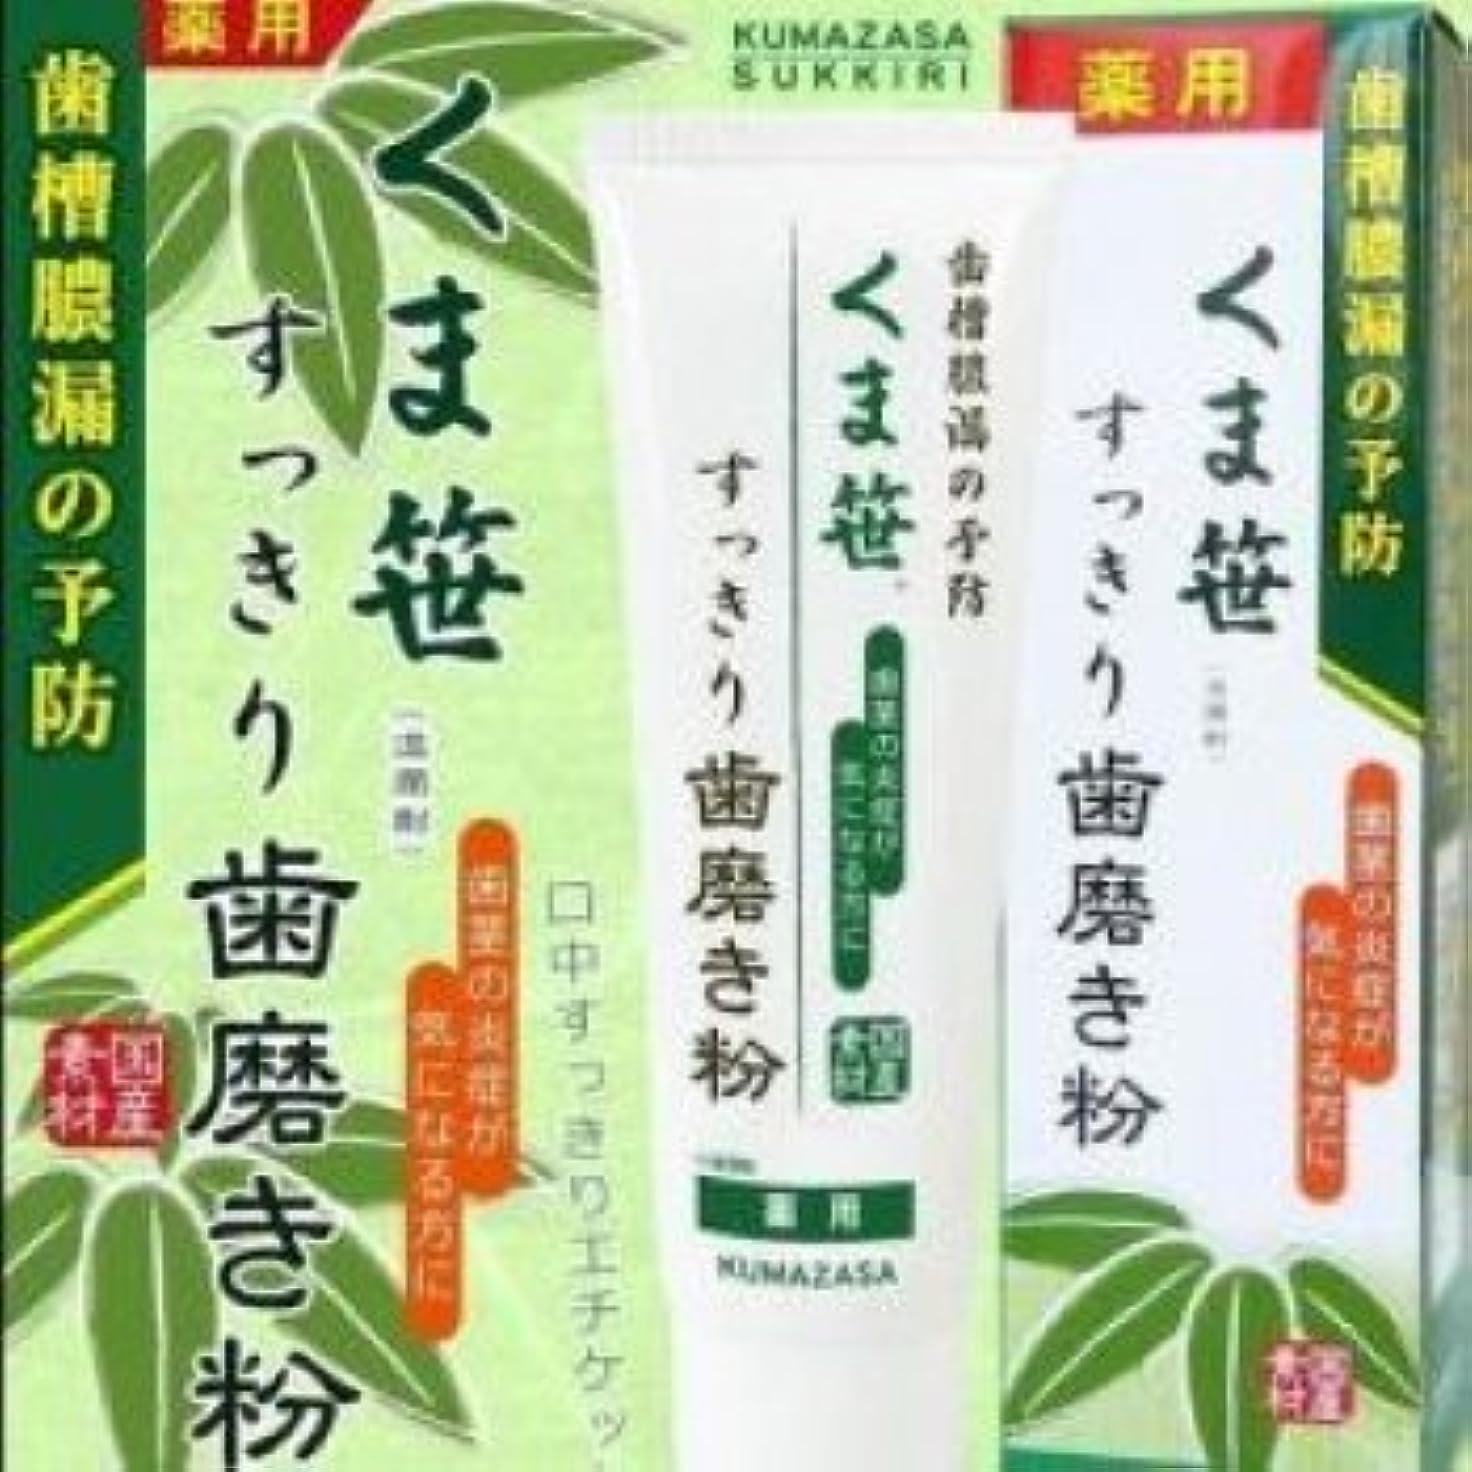 チケットねじれオリエンタル薬用くま笹すっきり歯磨き粉